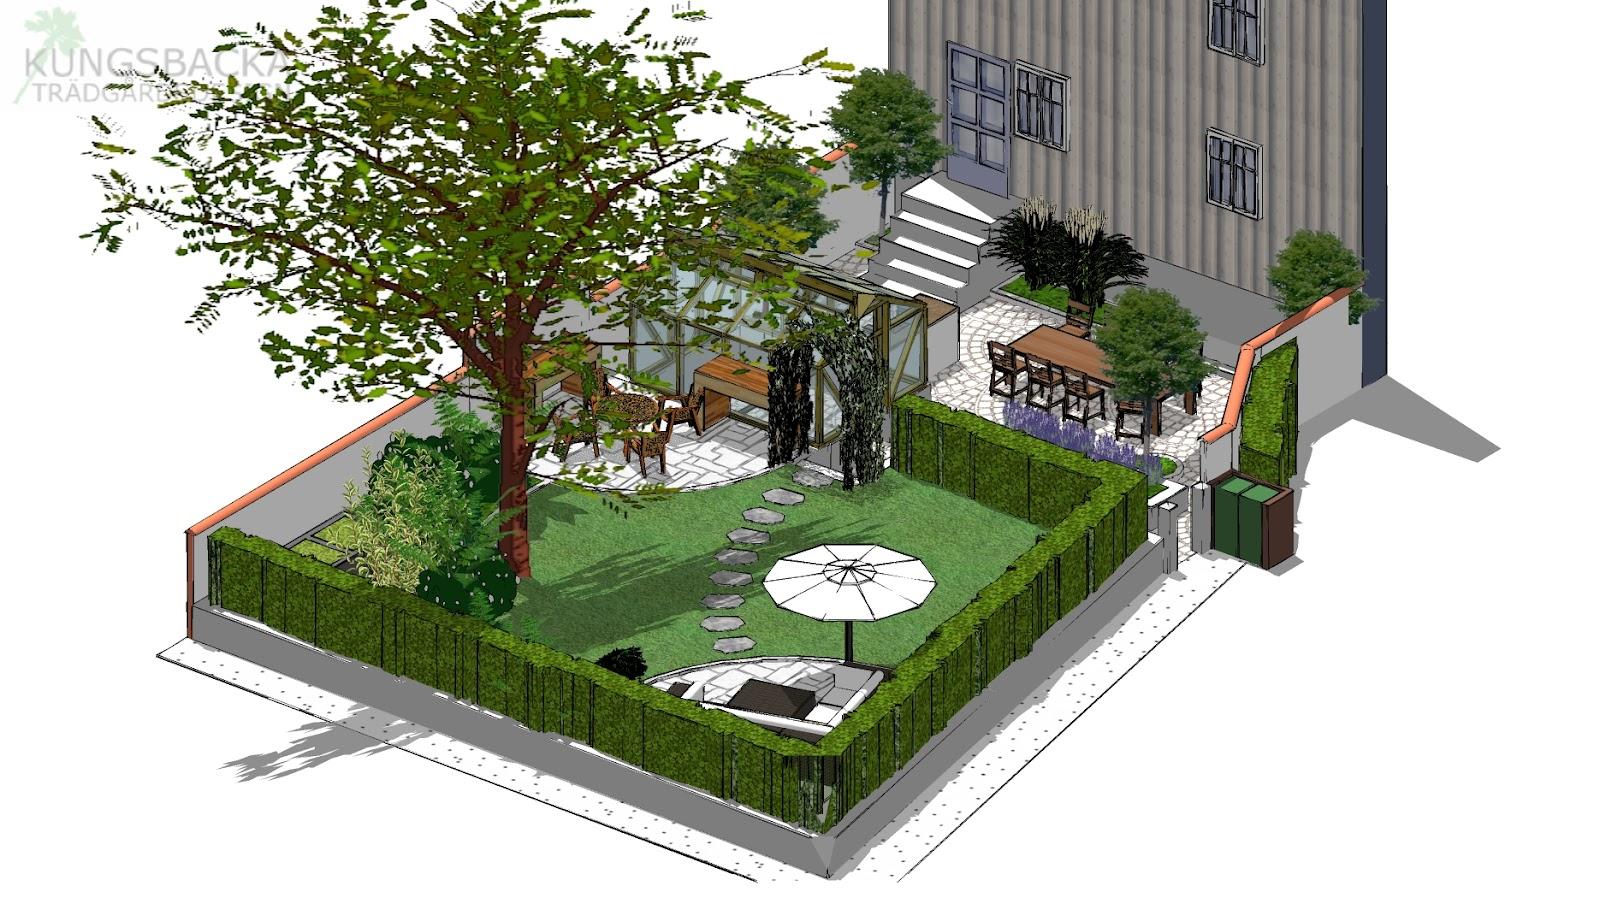 Kungsbacka trädgårdsdesign: februari 2012